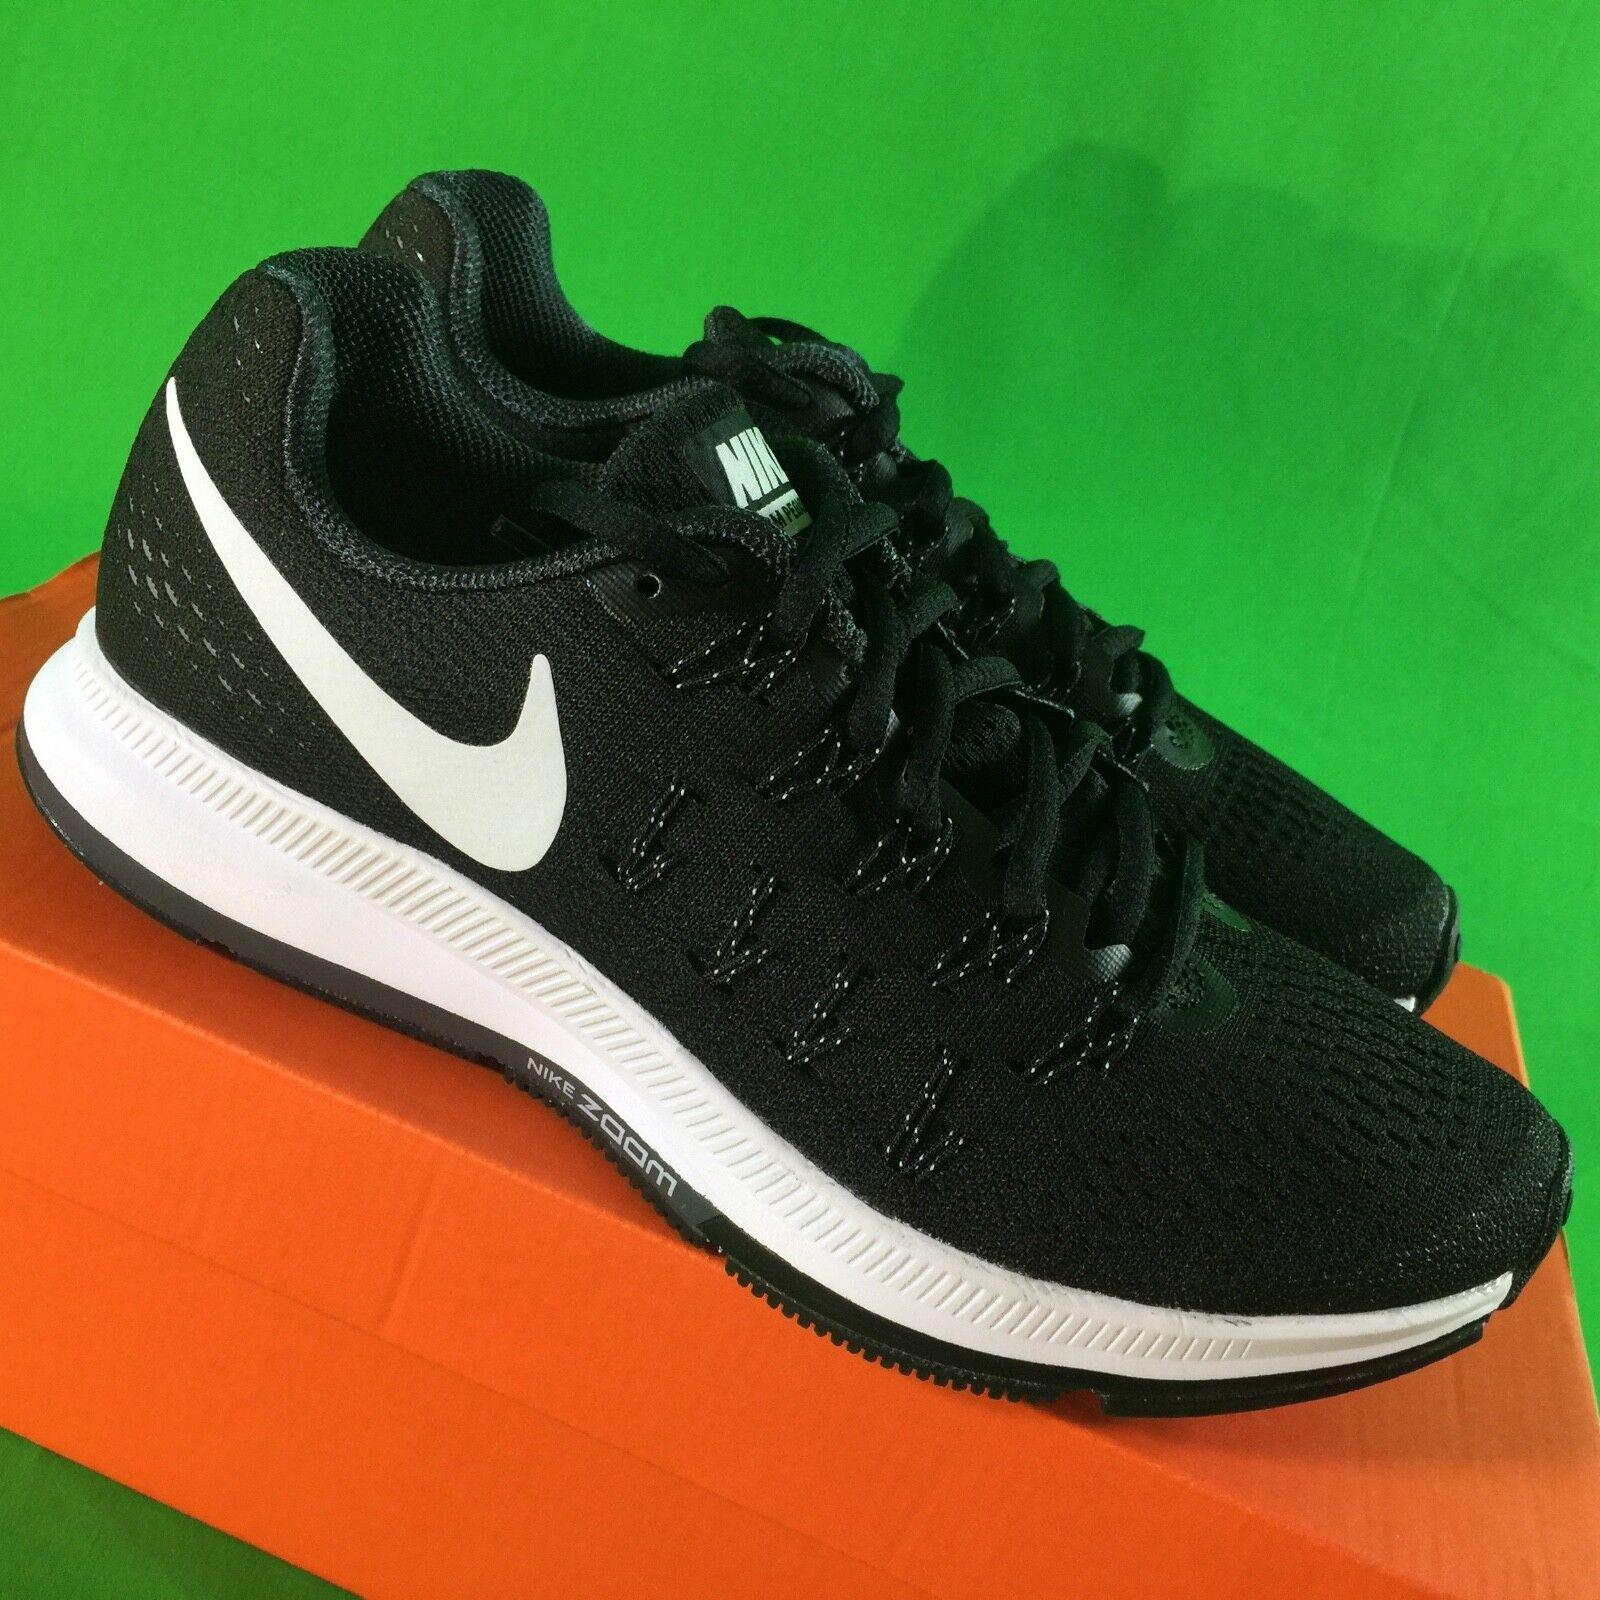 Nike air zoom pegasus 33 uomini e dimensioni delle scarpe nuove msrp nero pennino